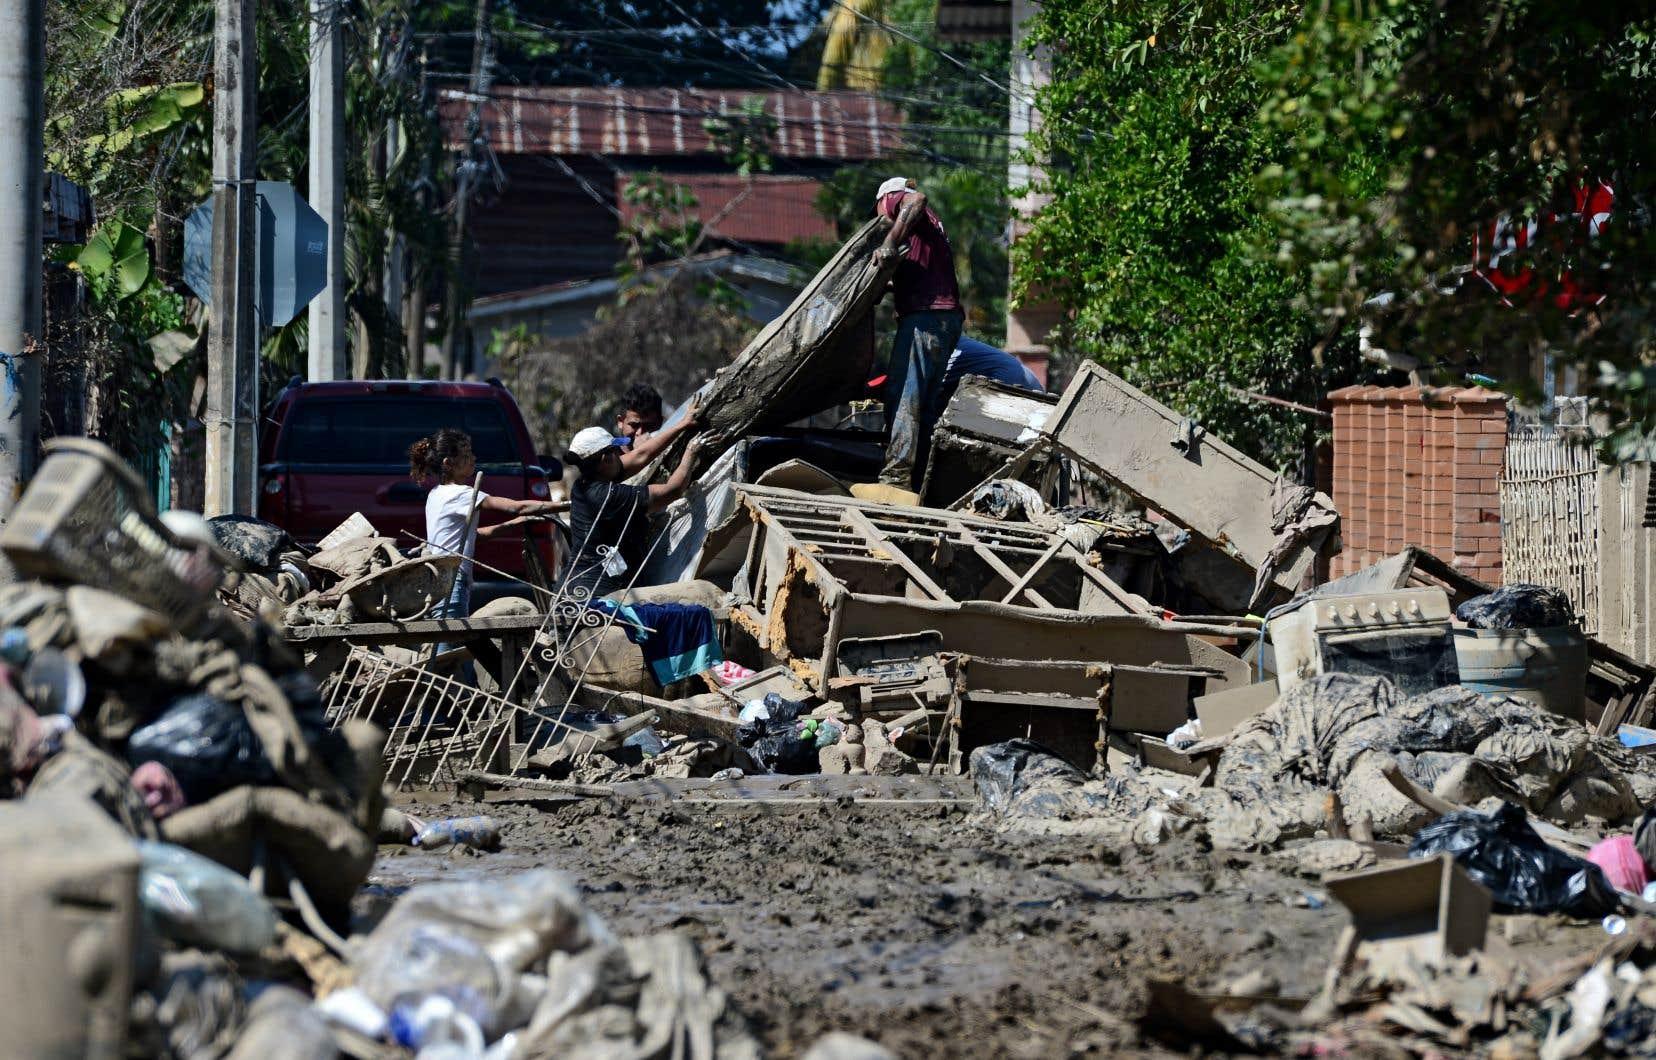 Des habitants  d'El Progreso,  au Honduras, tentaient  dimanche de  récupérer certains de leurs avoirs endommagés par  l'ouragan Eta,  en préparation d'une évacuation. Un deuxième ouragan,  Iota, devrait frapper le pays dès lundi.